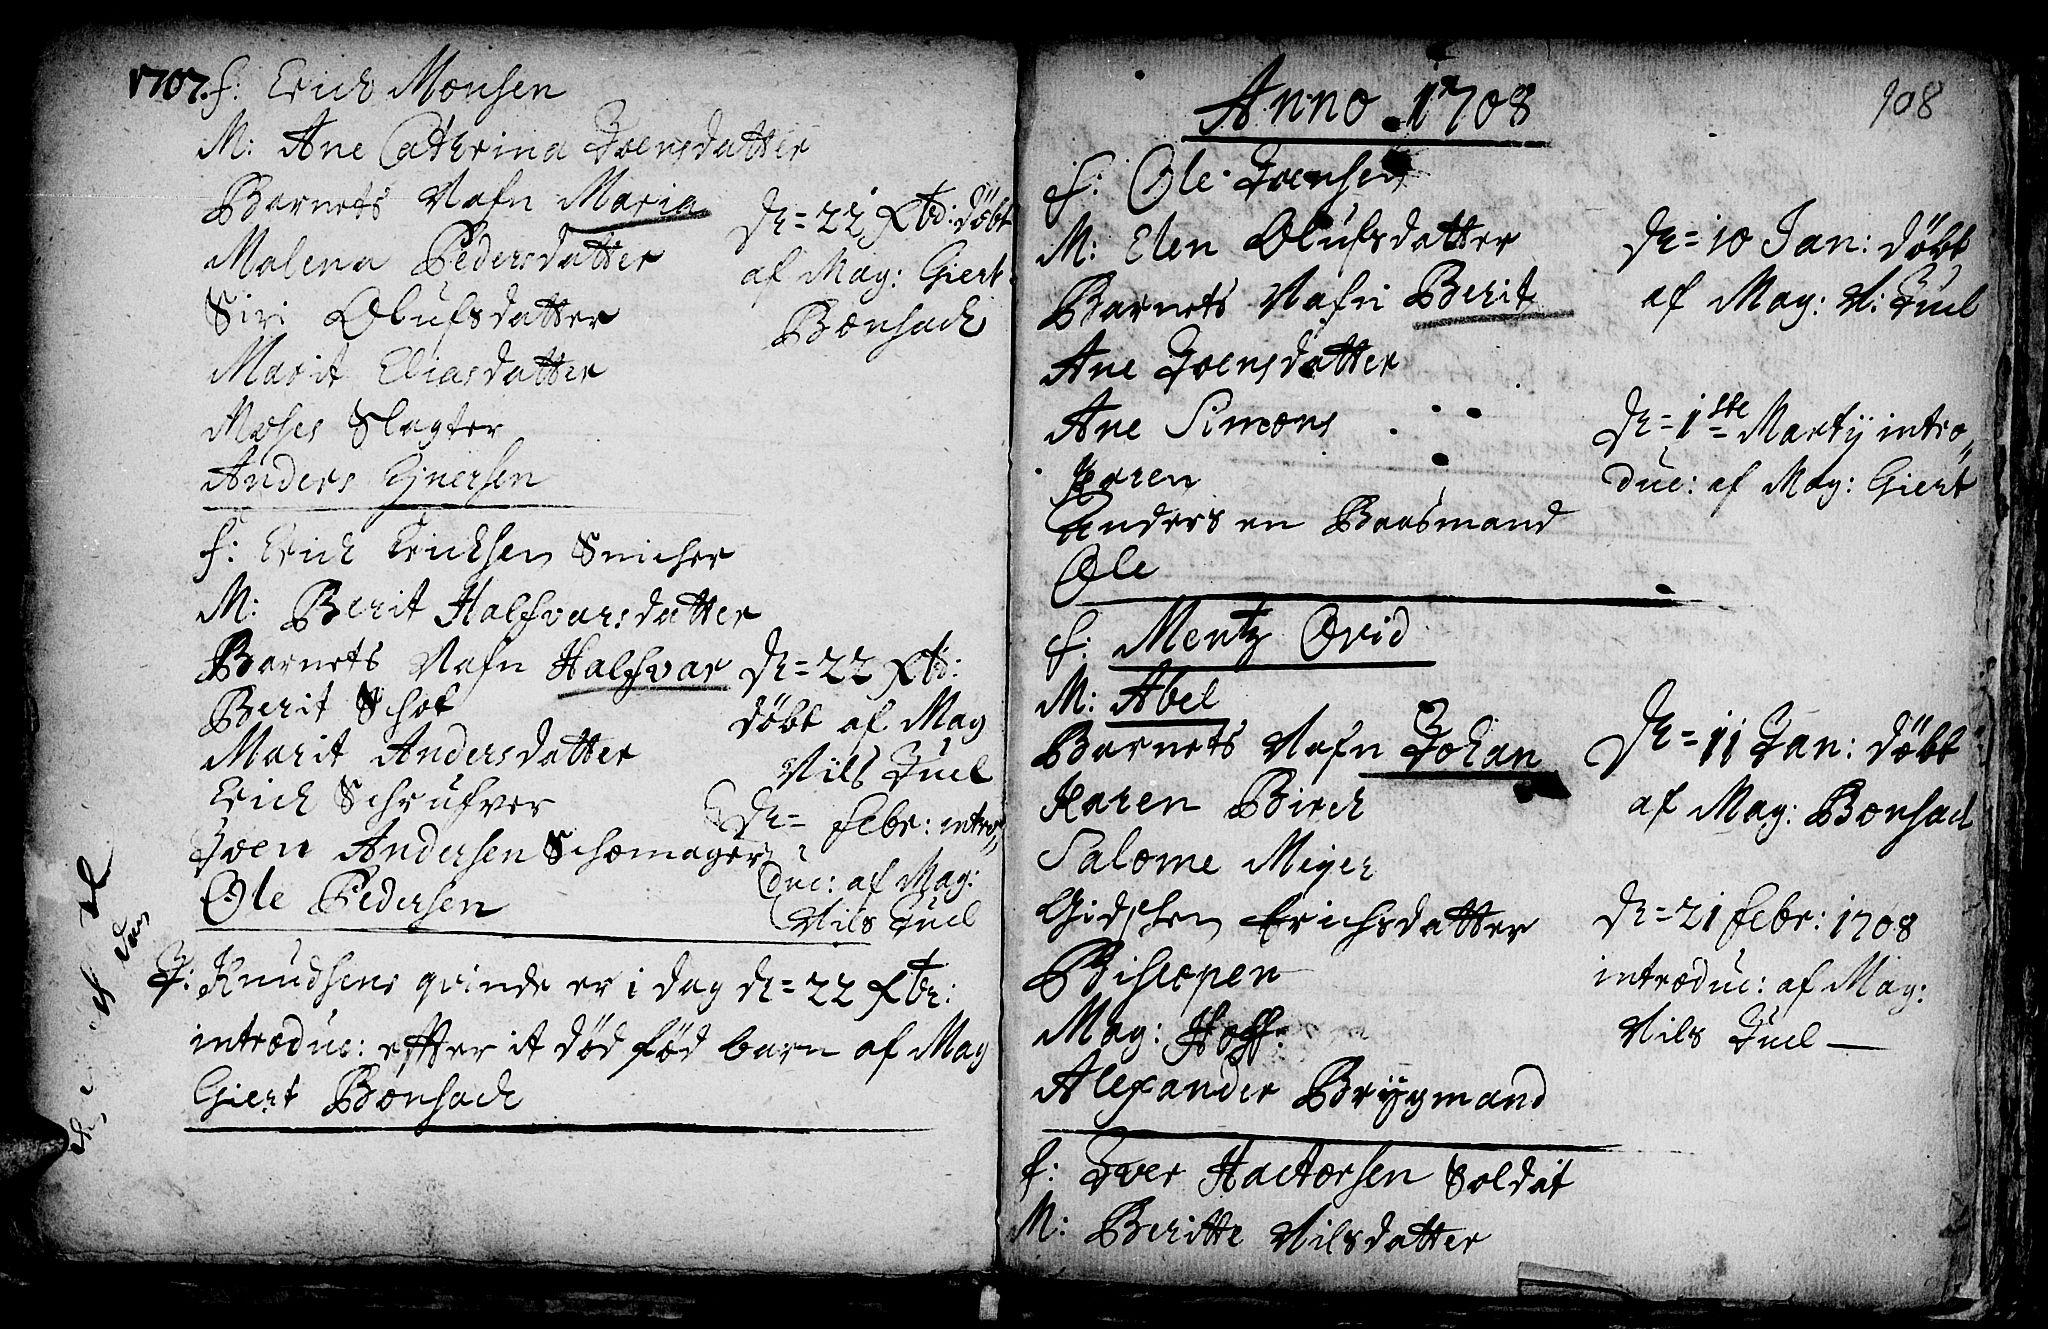 SAT, Ministerialprotokoller, klokkerbøker og fødselsregistre - Sør-Trøndelag, 601/L0034: Ministerialbok nr. 601A02, 1702-1714, s. 108